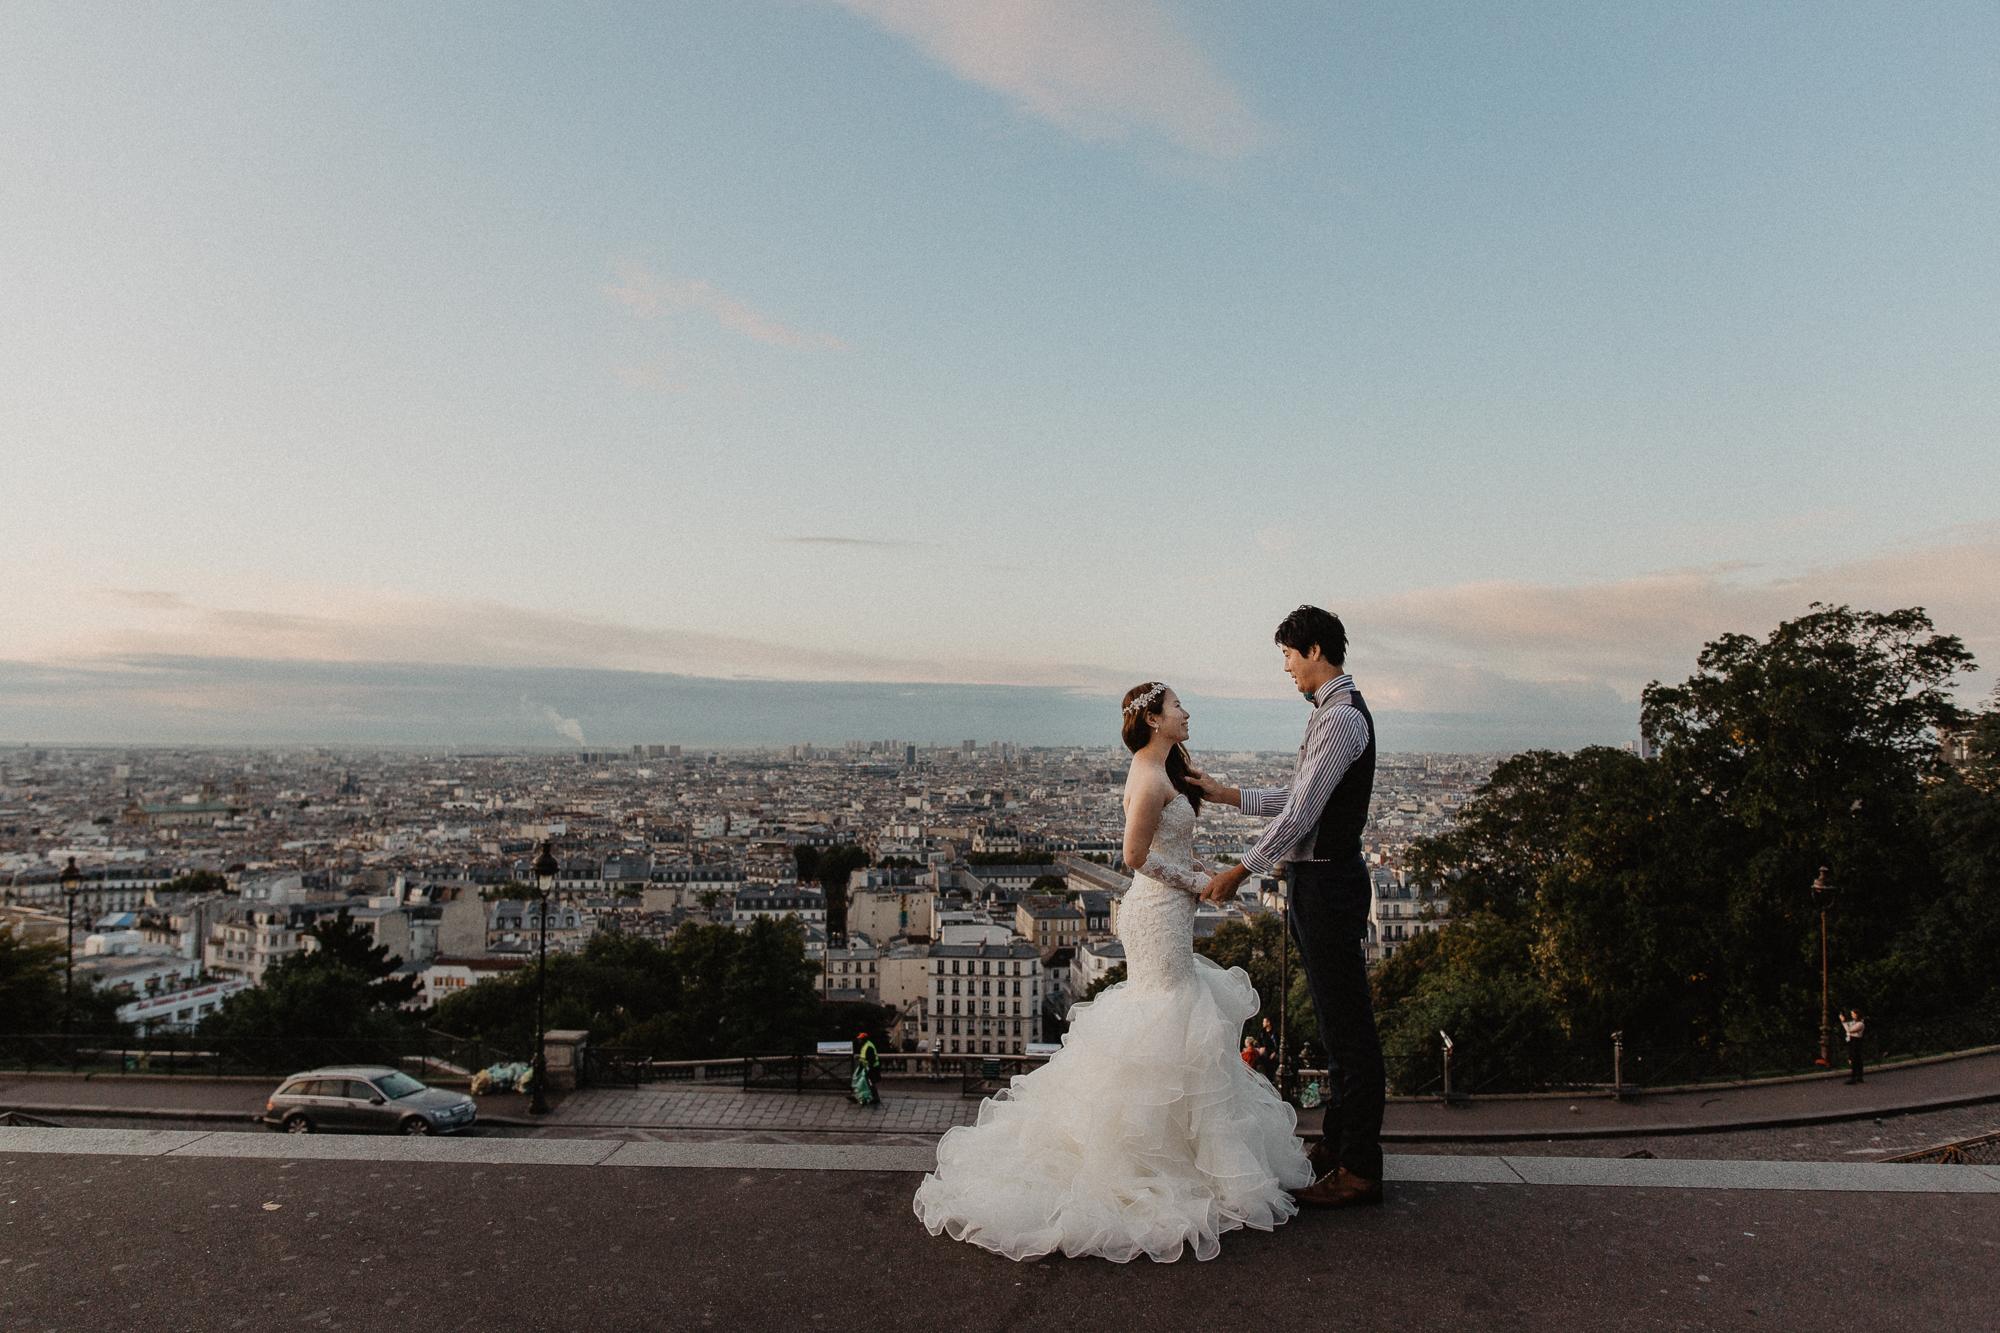 couple wedding paris montmartre photography